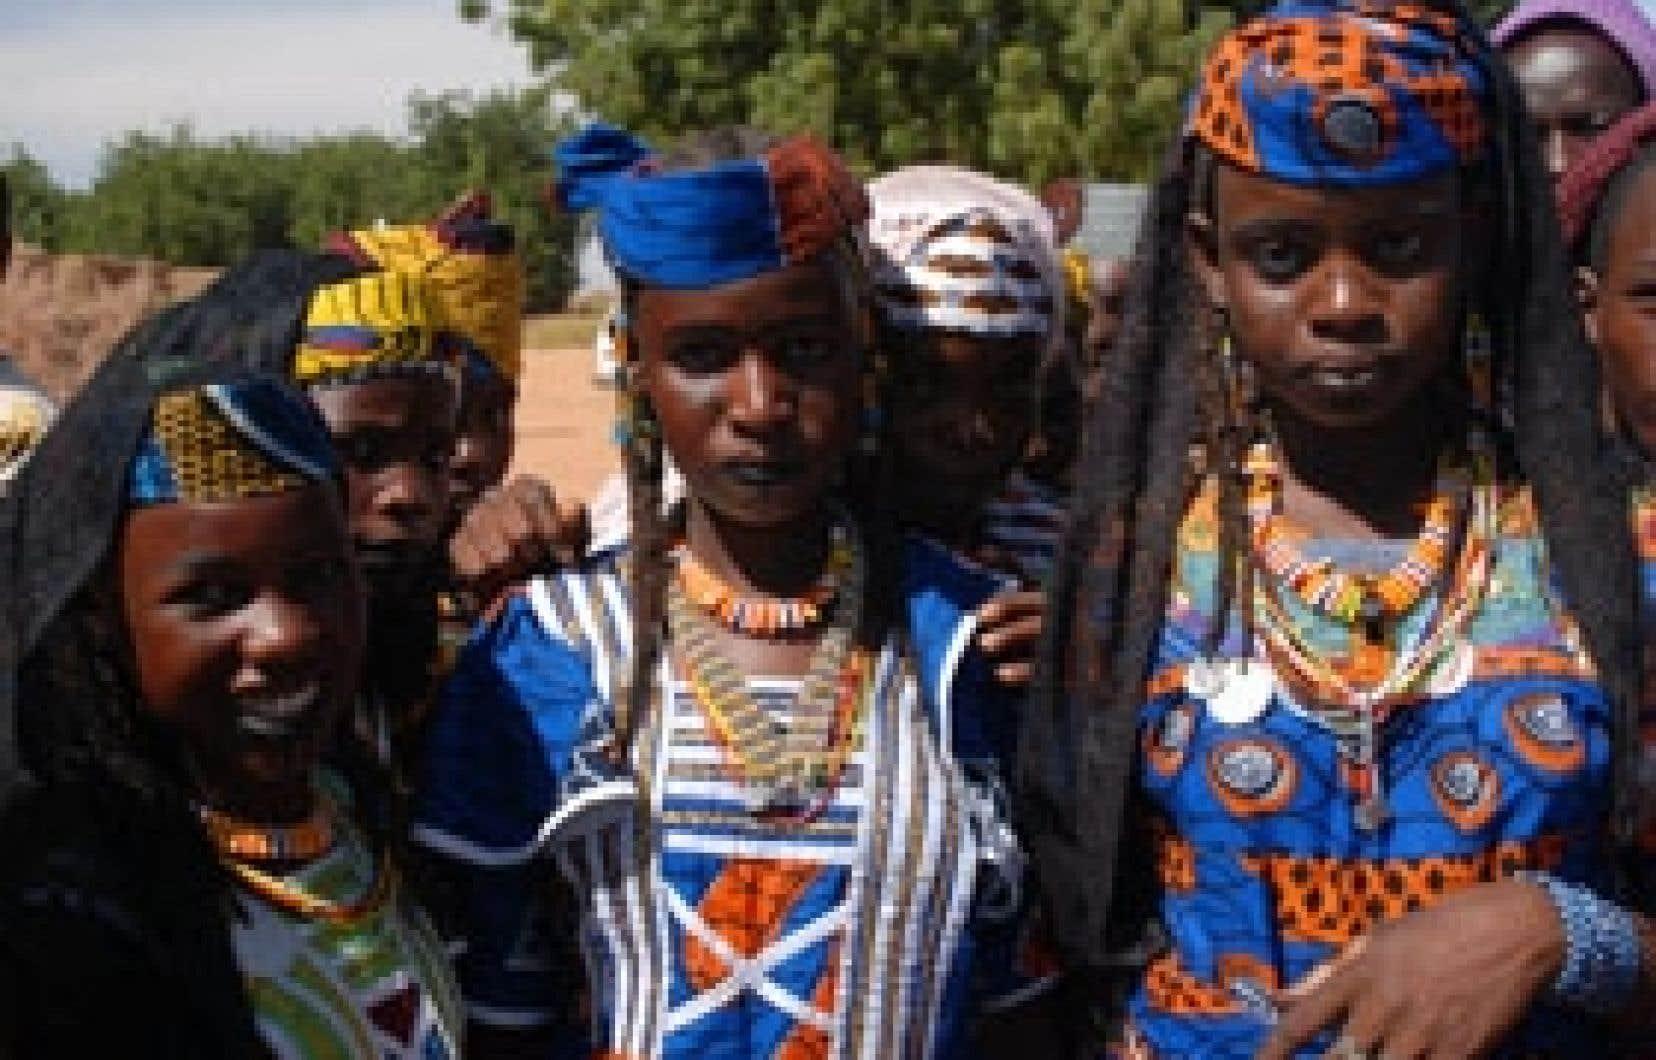 Jour de marché à Bocki, dans le sud-ouest du Niger. Photo: Gary Lawrence